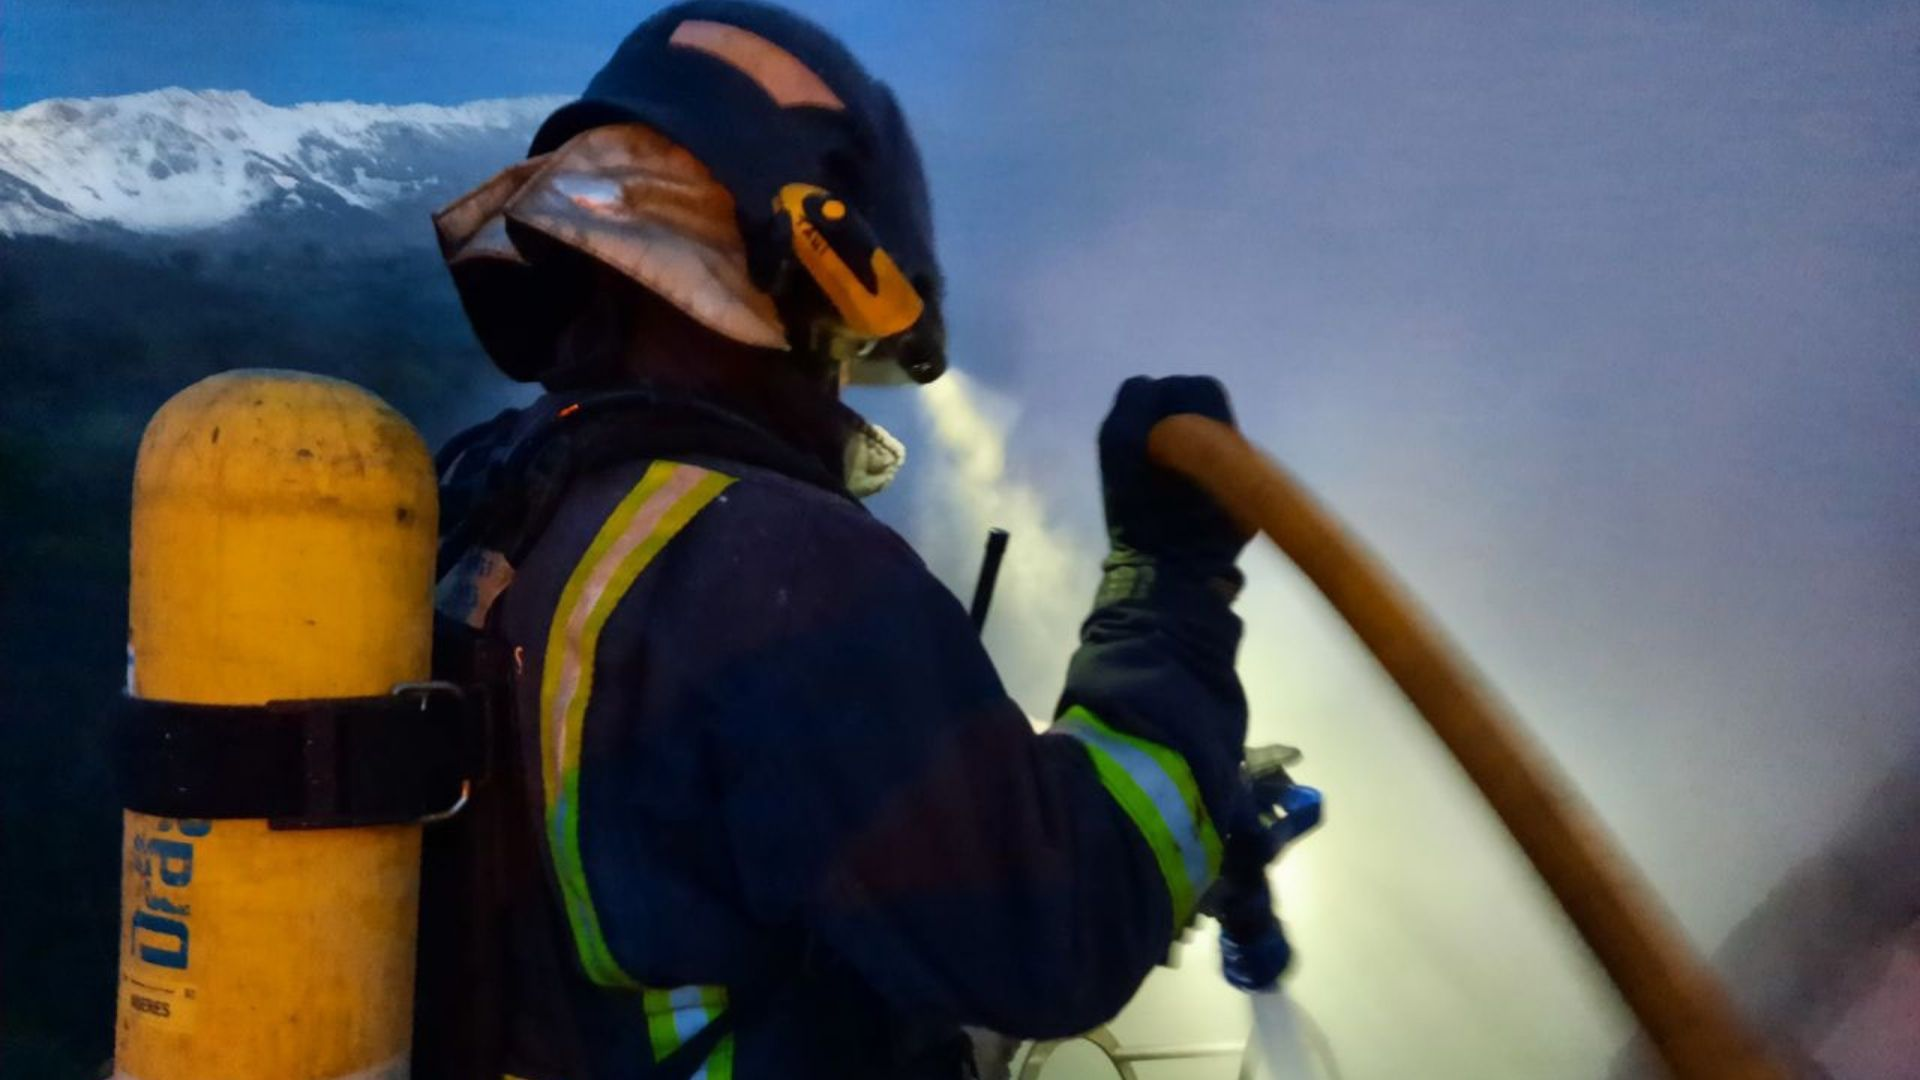 Un bombero, durante una intervención en un incendio